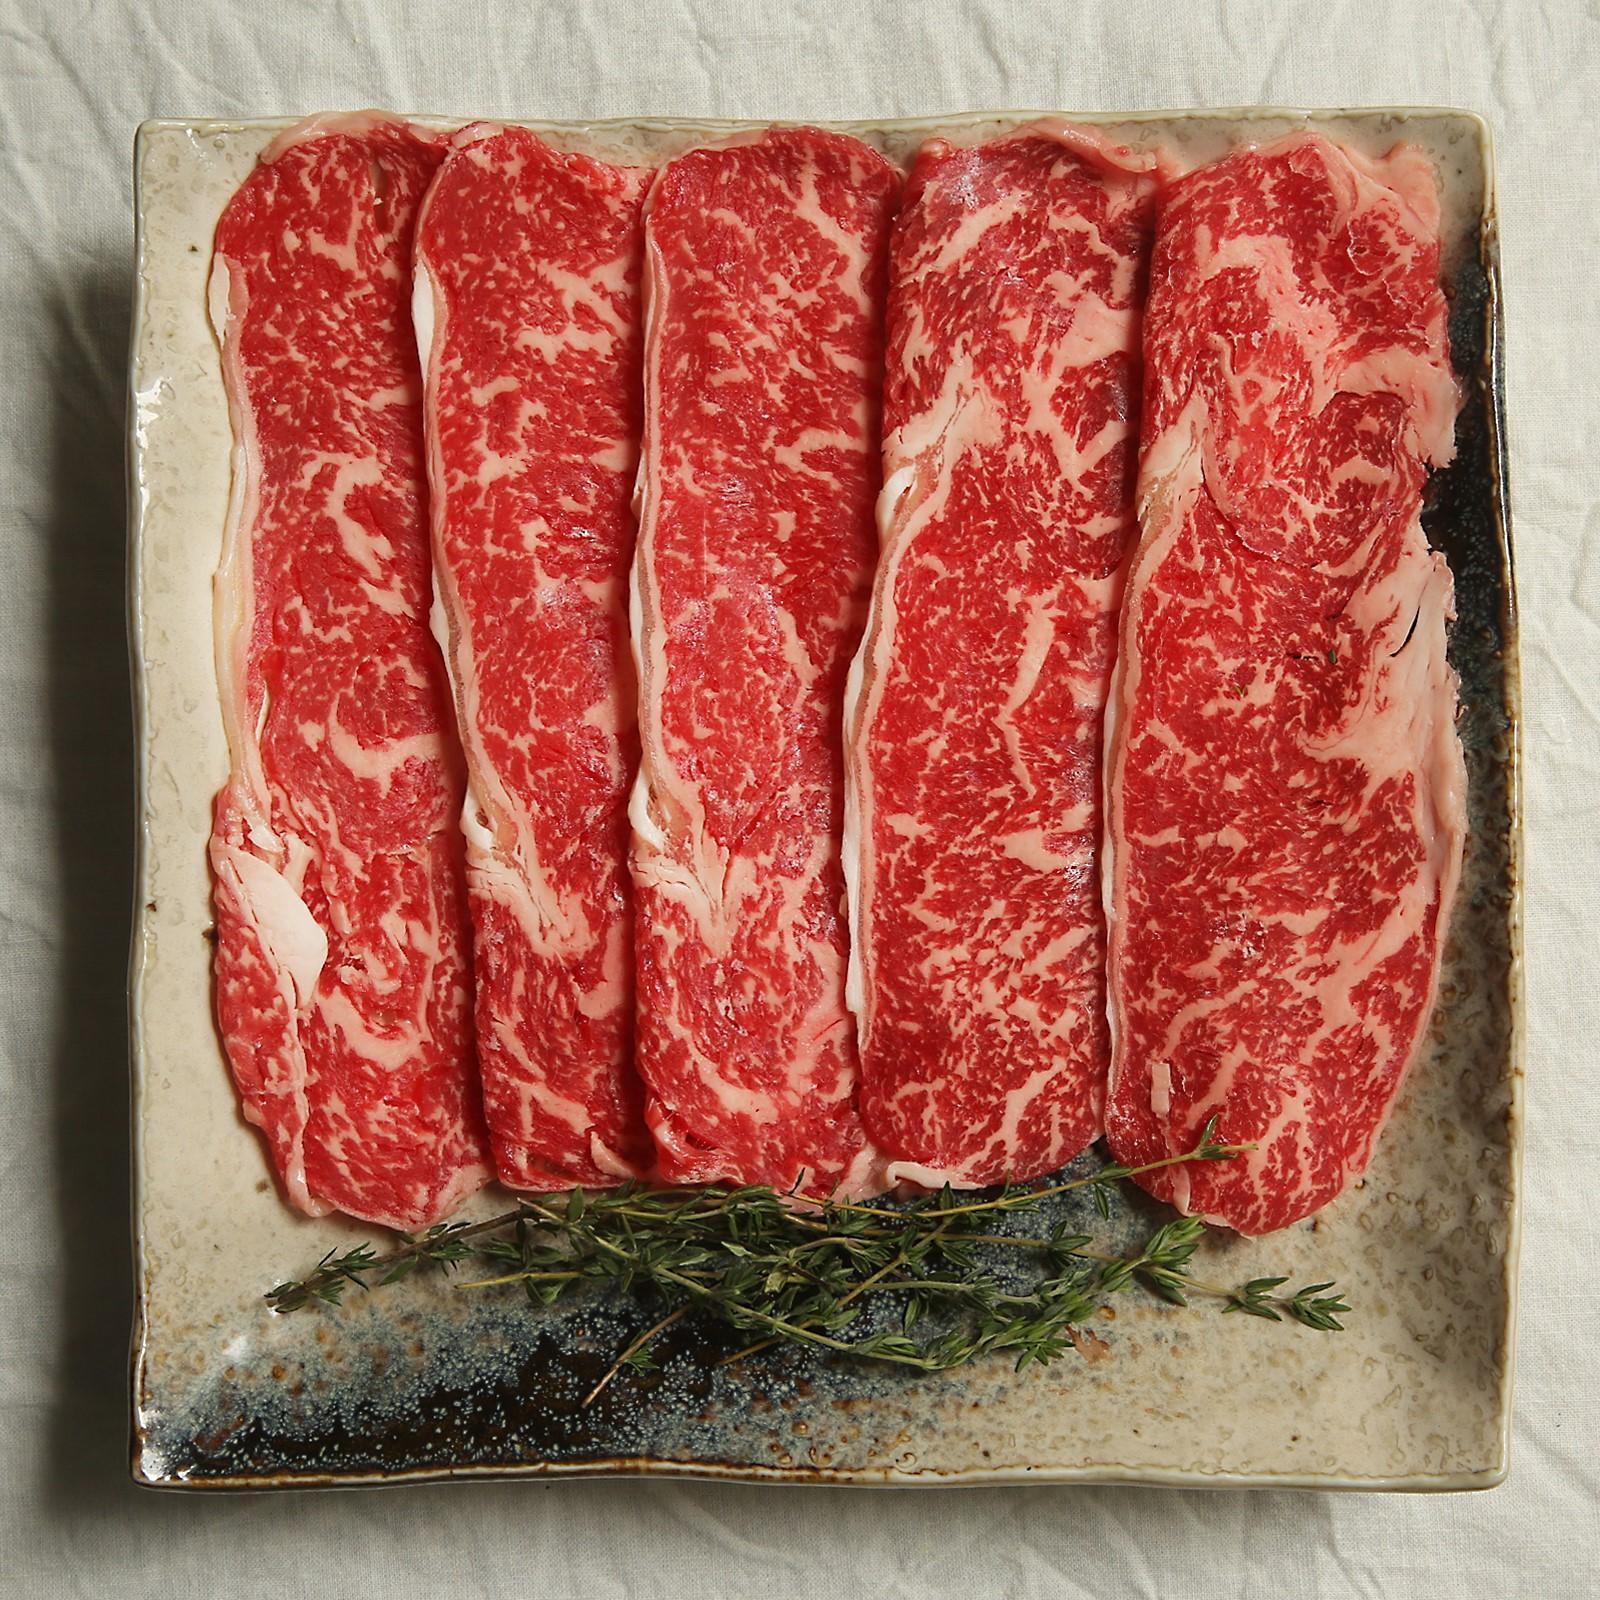 The Butcher's Dining Japanese Hokkaido Tokachi Wagyu Shabu Shabu Sirloin - Frozen